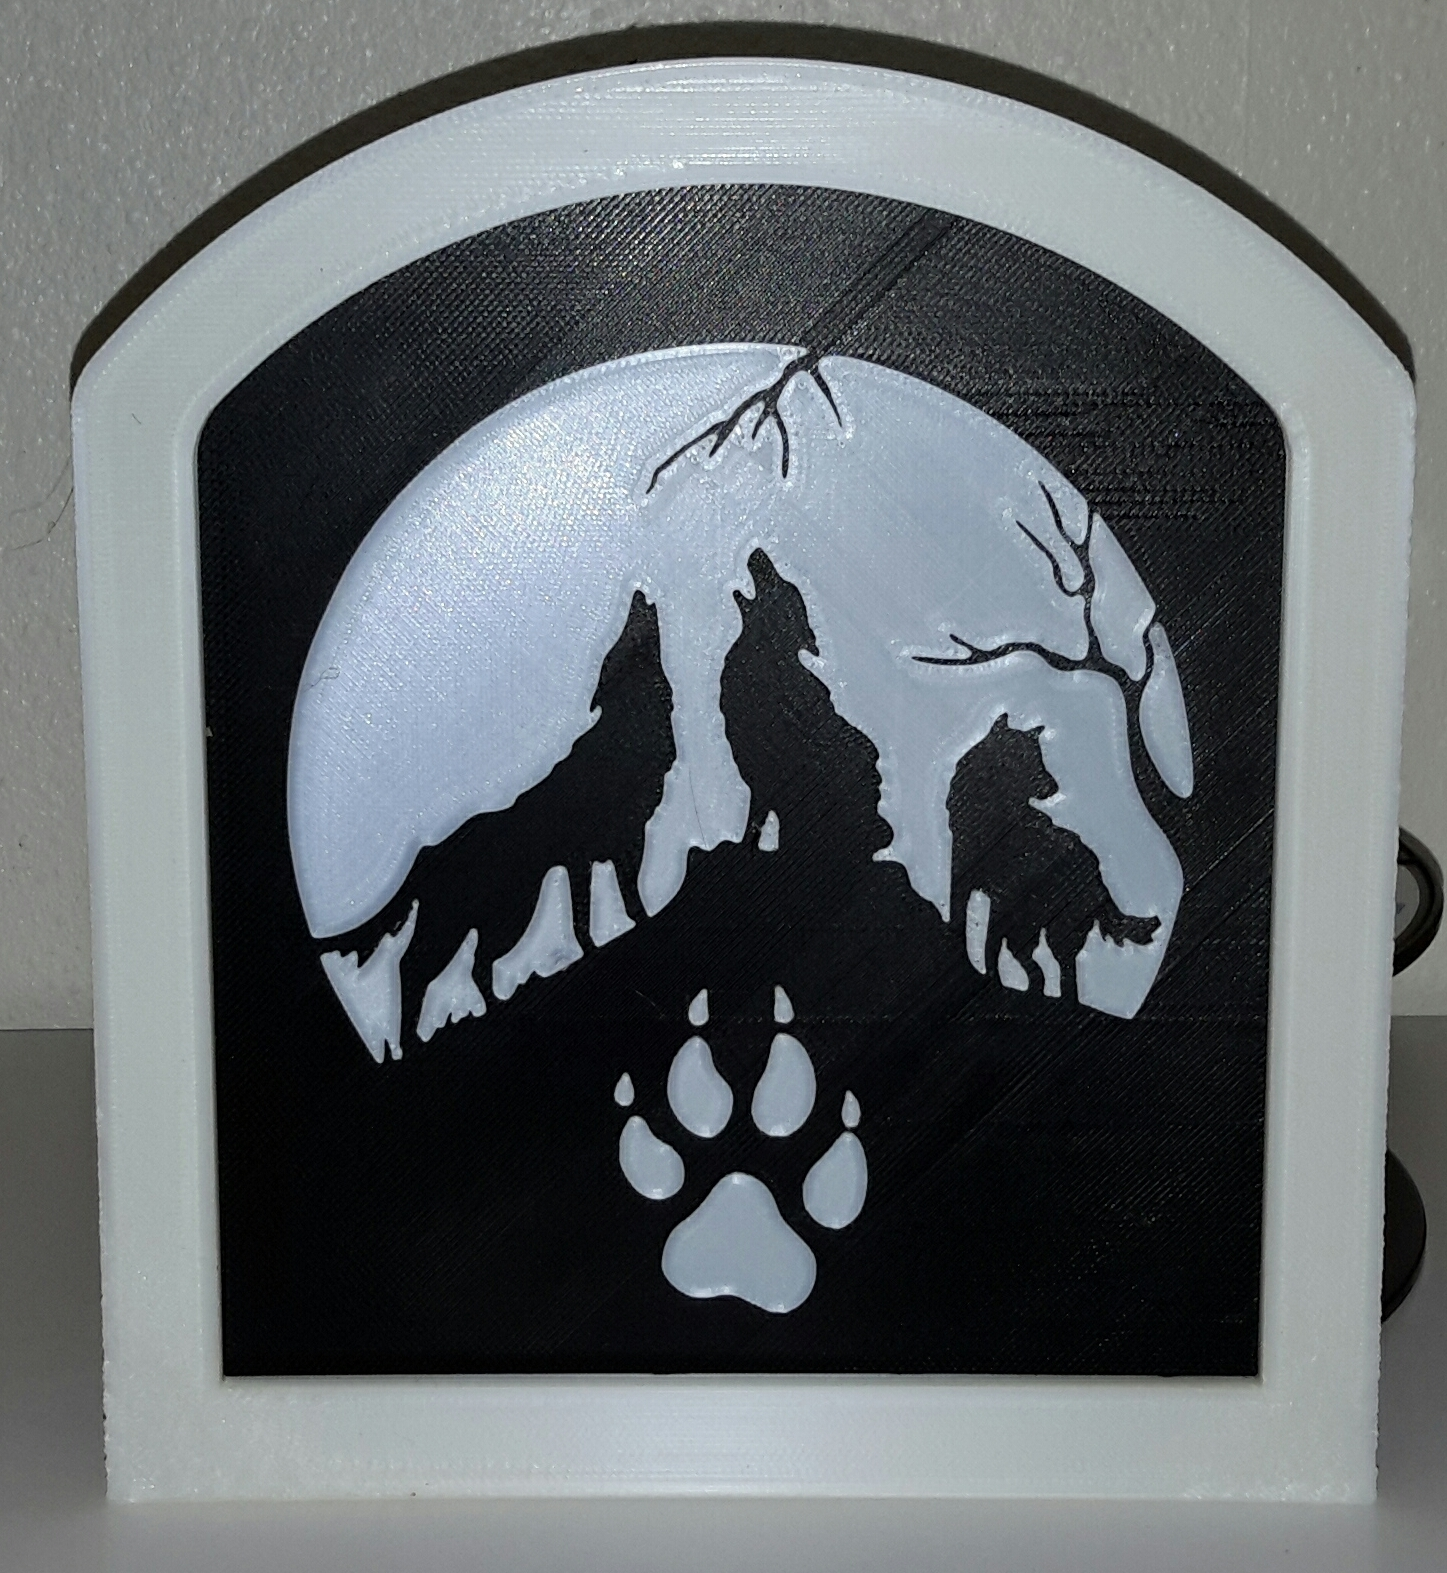 Studio_20190315_132006.jpg Télécharger fichier STL gratuit Loups hurlants - Loups hurlants • Design pour imprimante 3D, yb__magiic